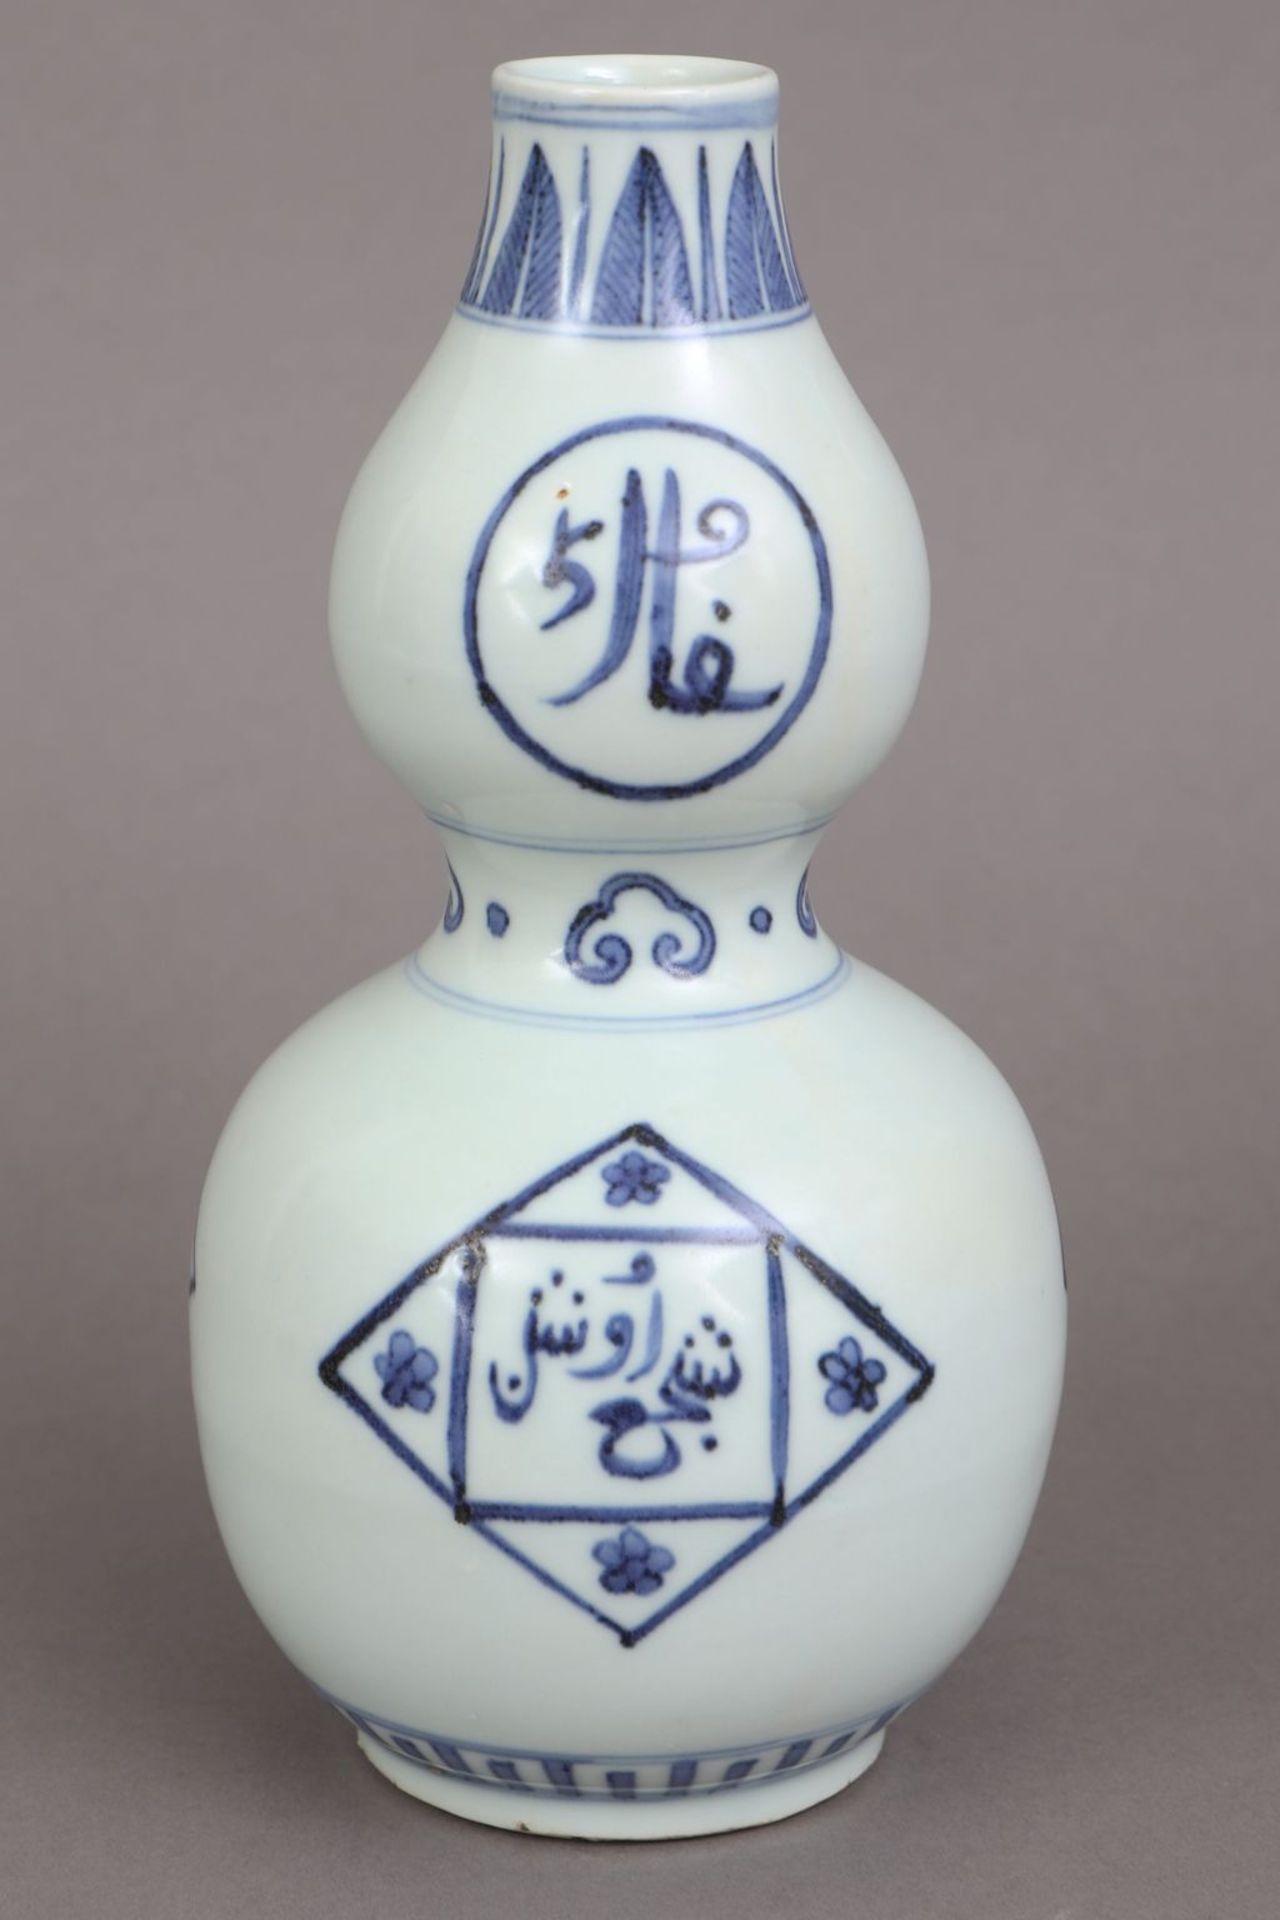 Chinesische Doppelkalebassenvase für den arabischen Markt - Bild 2 aus 4